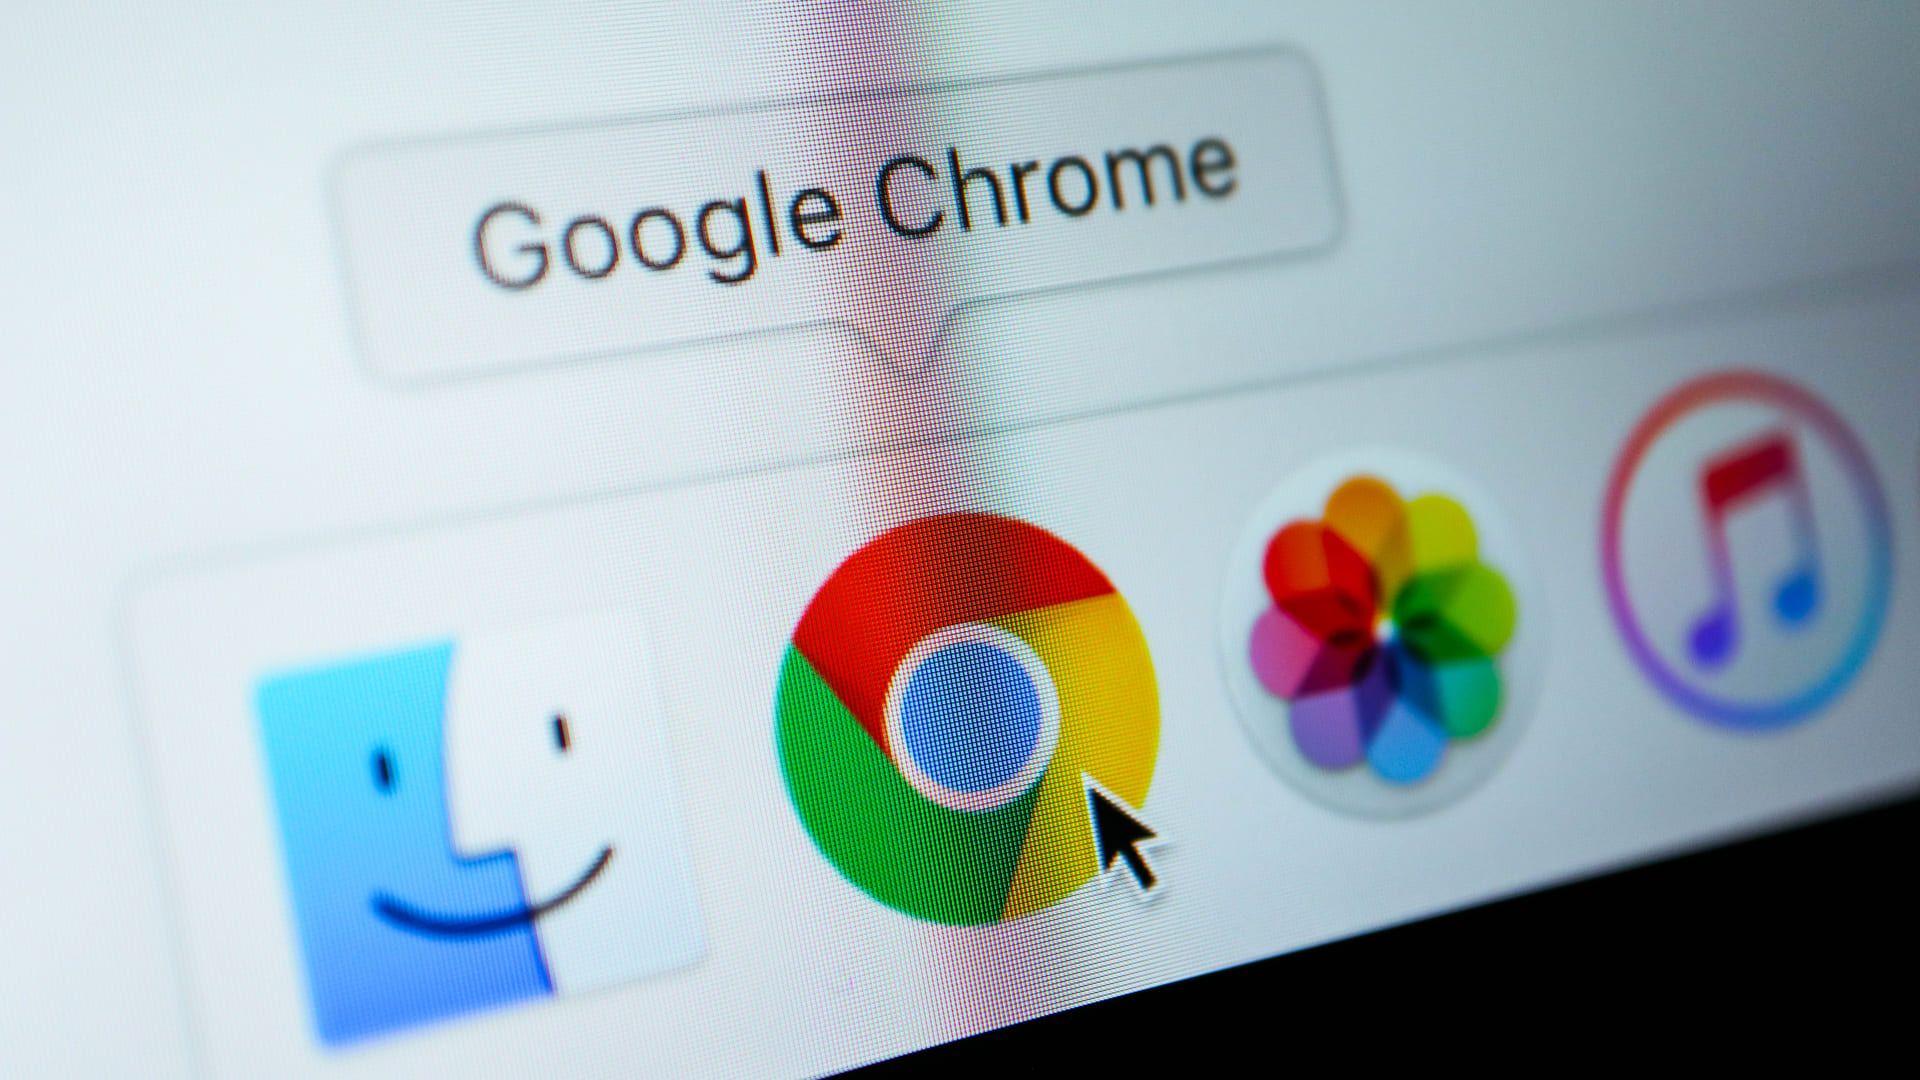 Entender como desativar notificações do Chrome é fácil e requer poucos passos (Fonte: Shutterstock)